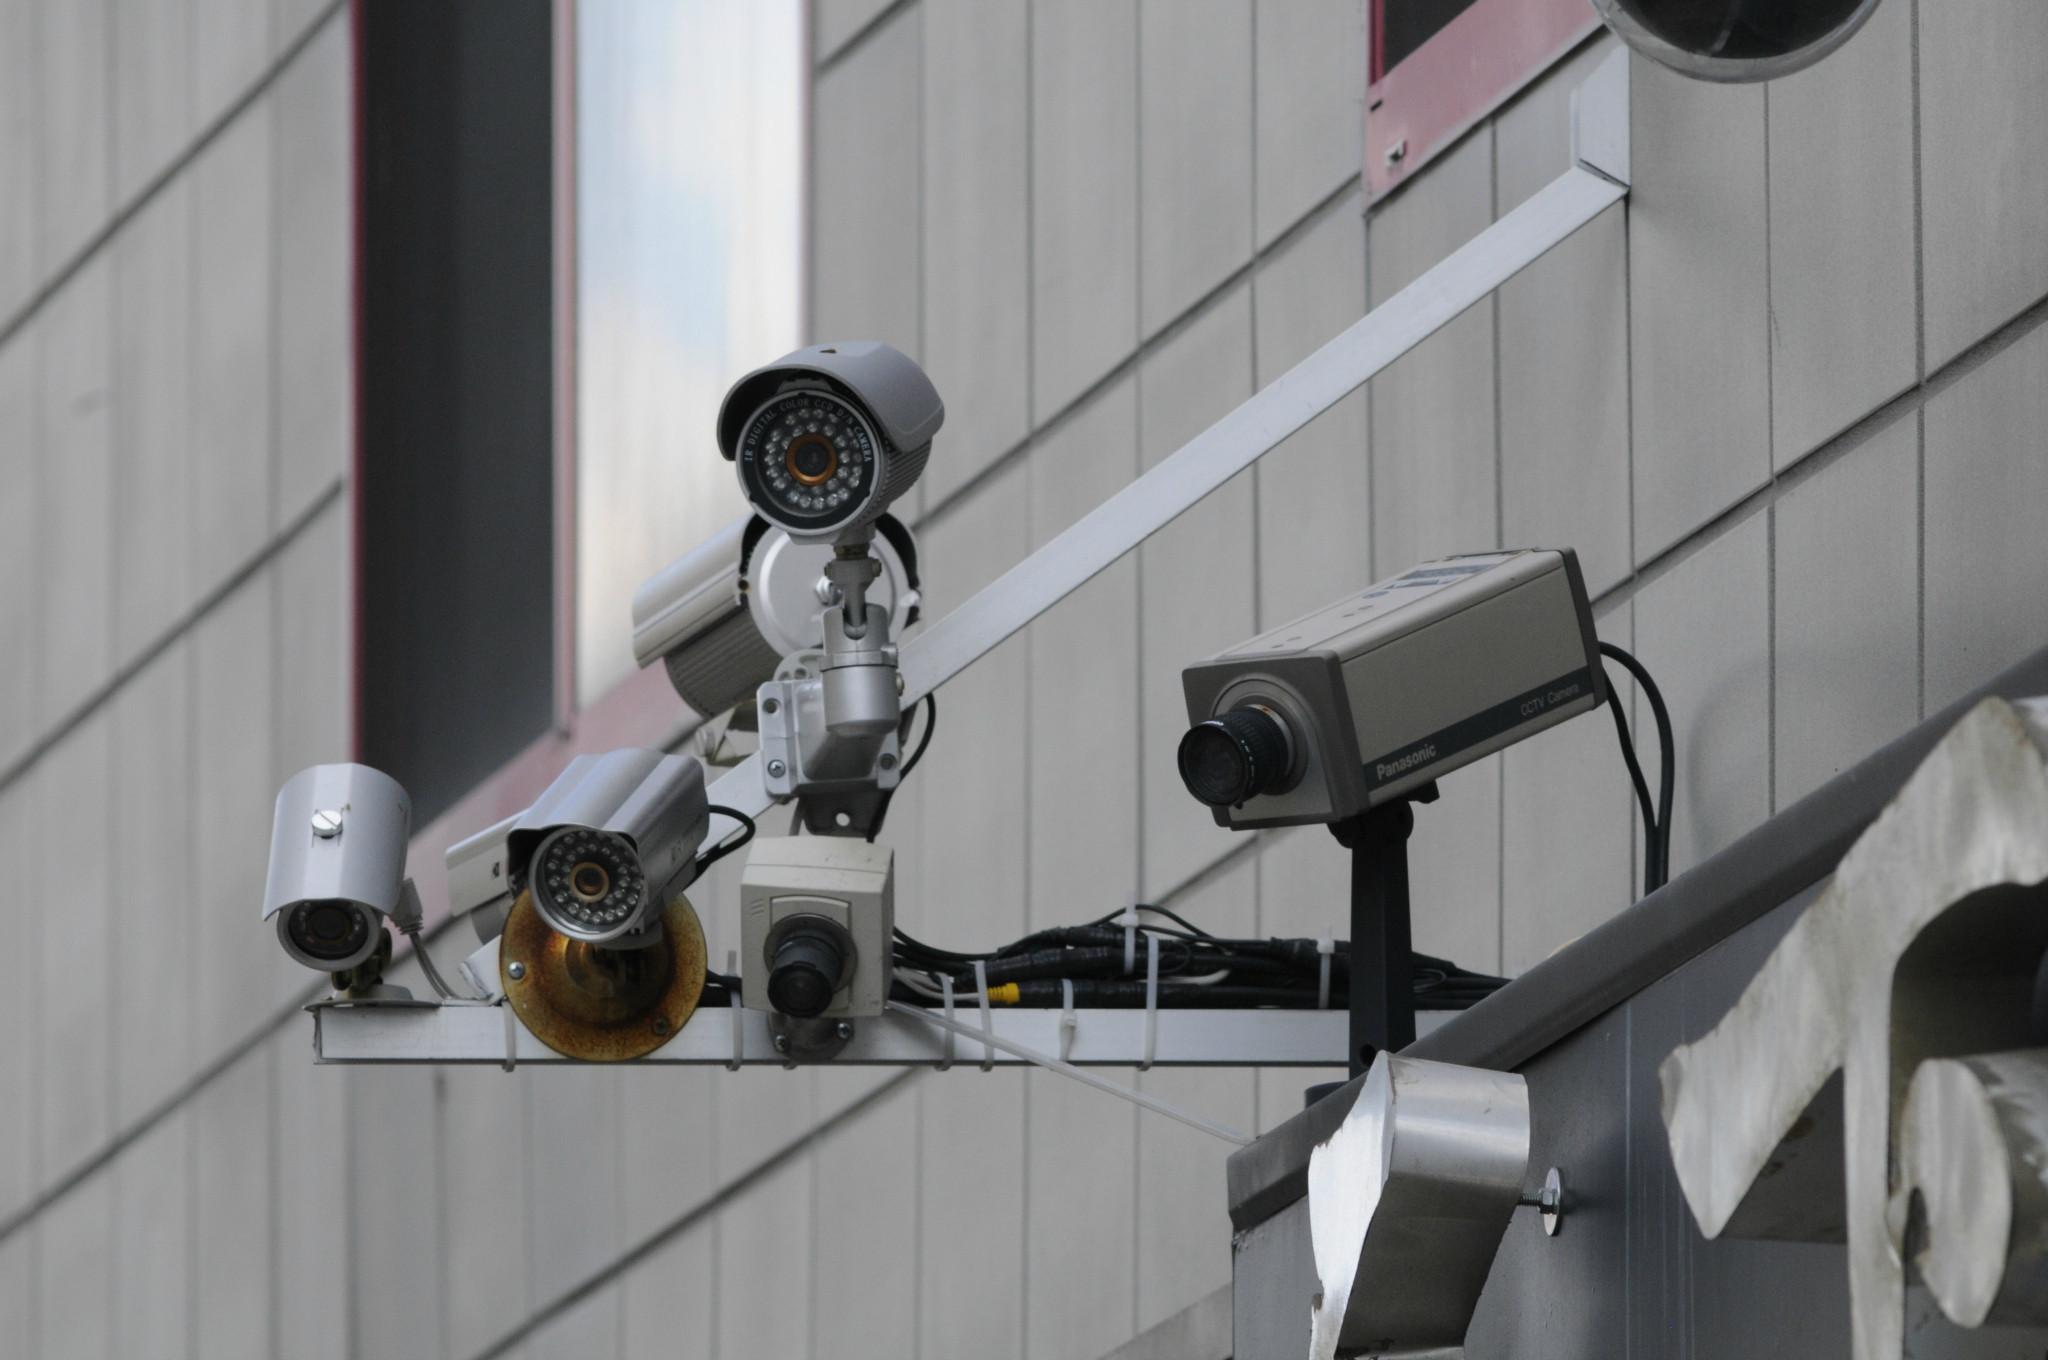 Гибель херсонца сняла уличная камера видеонаблюдения